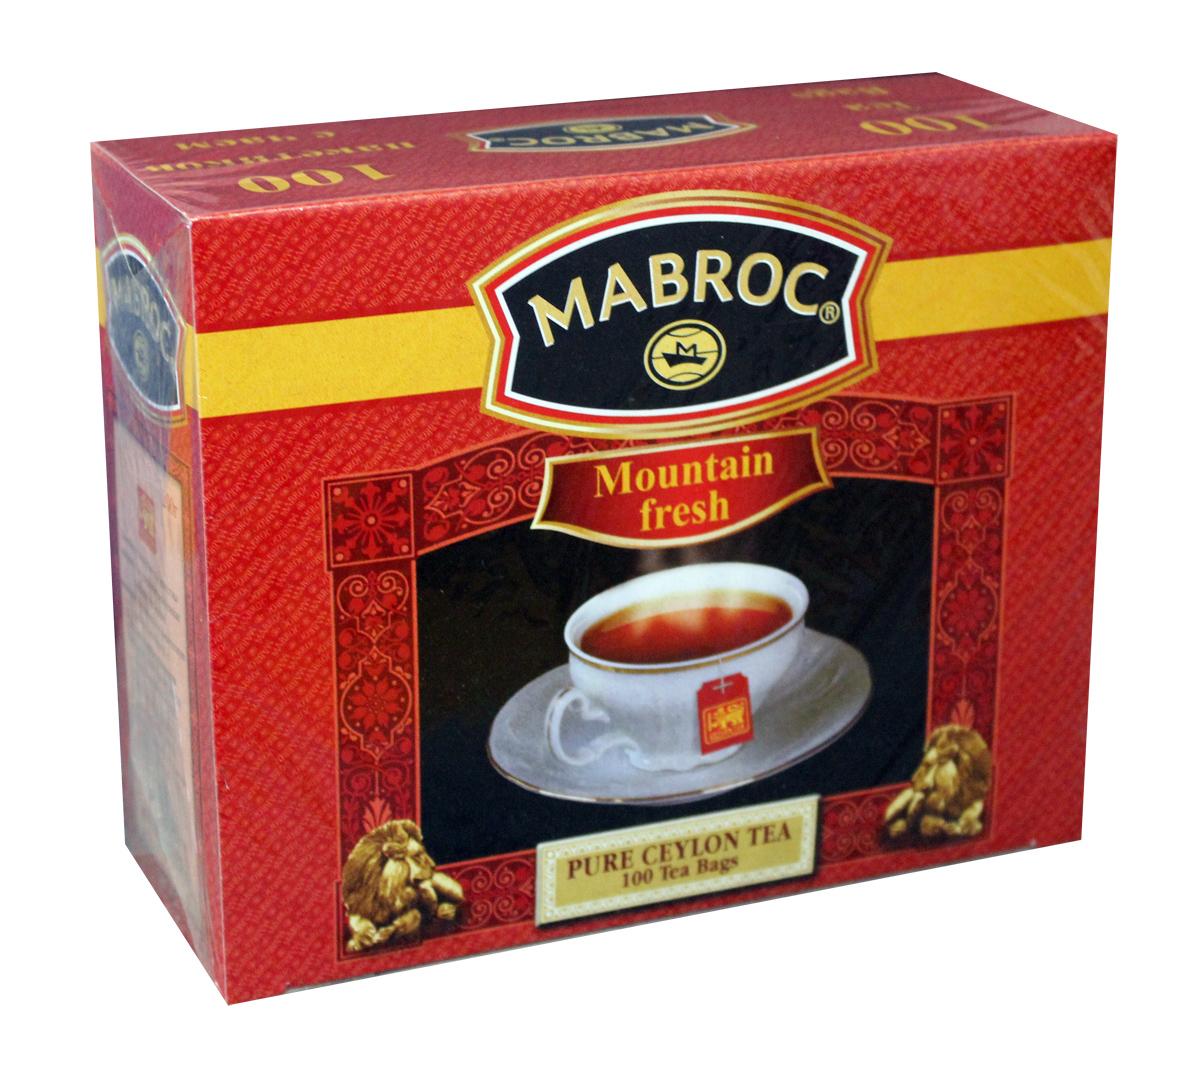 Mabroc Голд Свежесть горная чай черный в пакетиках, 100 шт101246Цейлонский черный мелколистовой чай в пакетиках Mabroc Голд - это качественный чай с собственных плантаций. Его насыщенный вкус и терпкий аромат никого не оставят равнодушным. Настой яркий, прозрачный с интенсивной окраской. Быстро заваривается. Вкус терпкий с приятной горчинкой и хорошо выраженным ароматом.